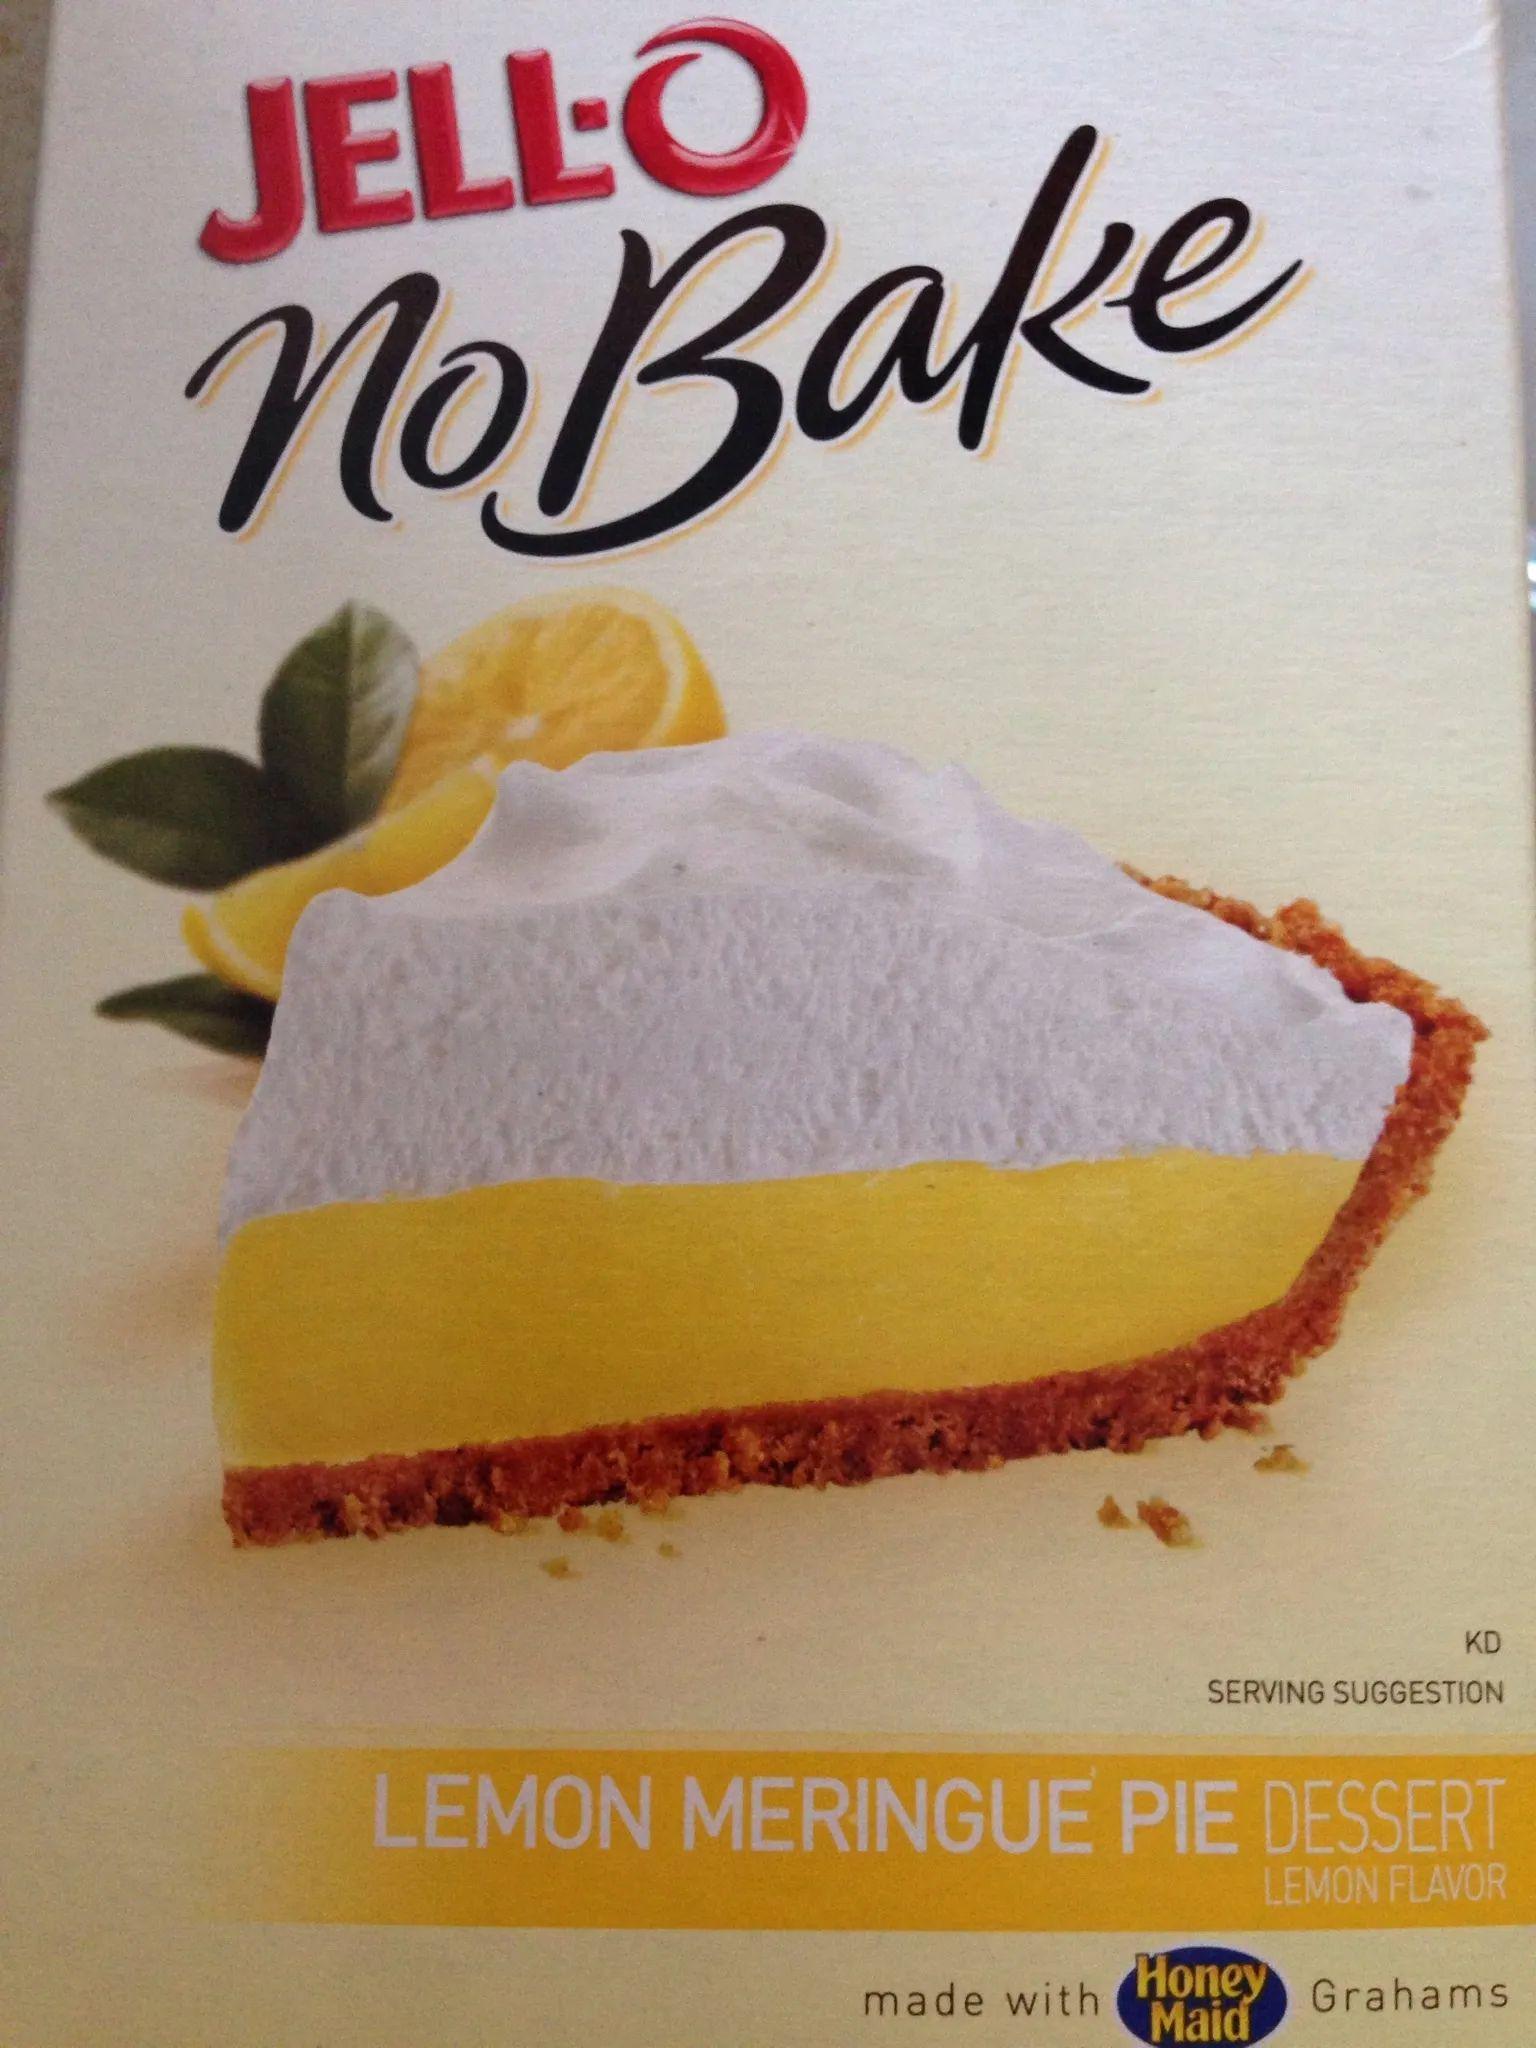 Jello Lemon Meringue Pie Recipe : jello, lemon, meringue, recipe, Lemon, Meringue, Guides